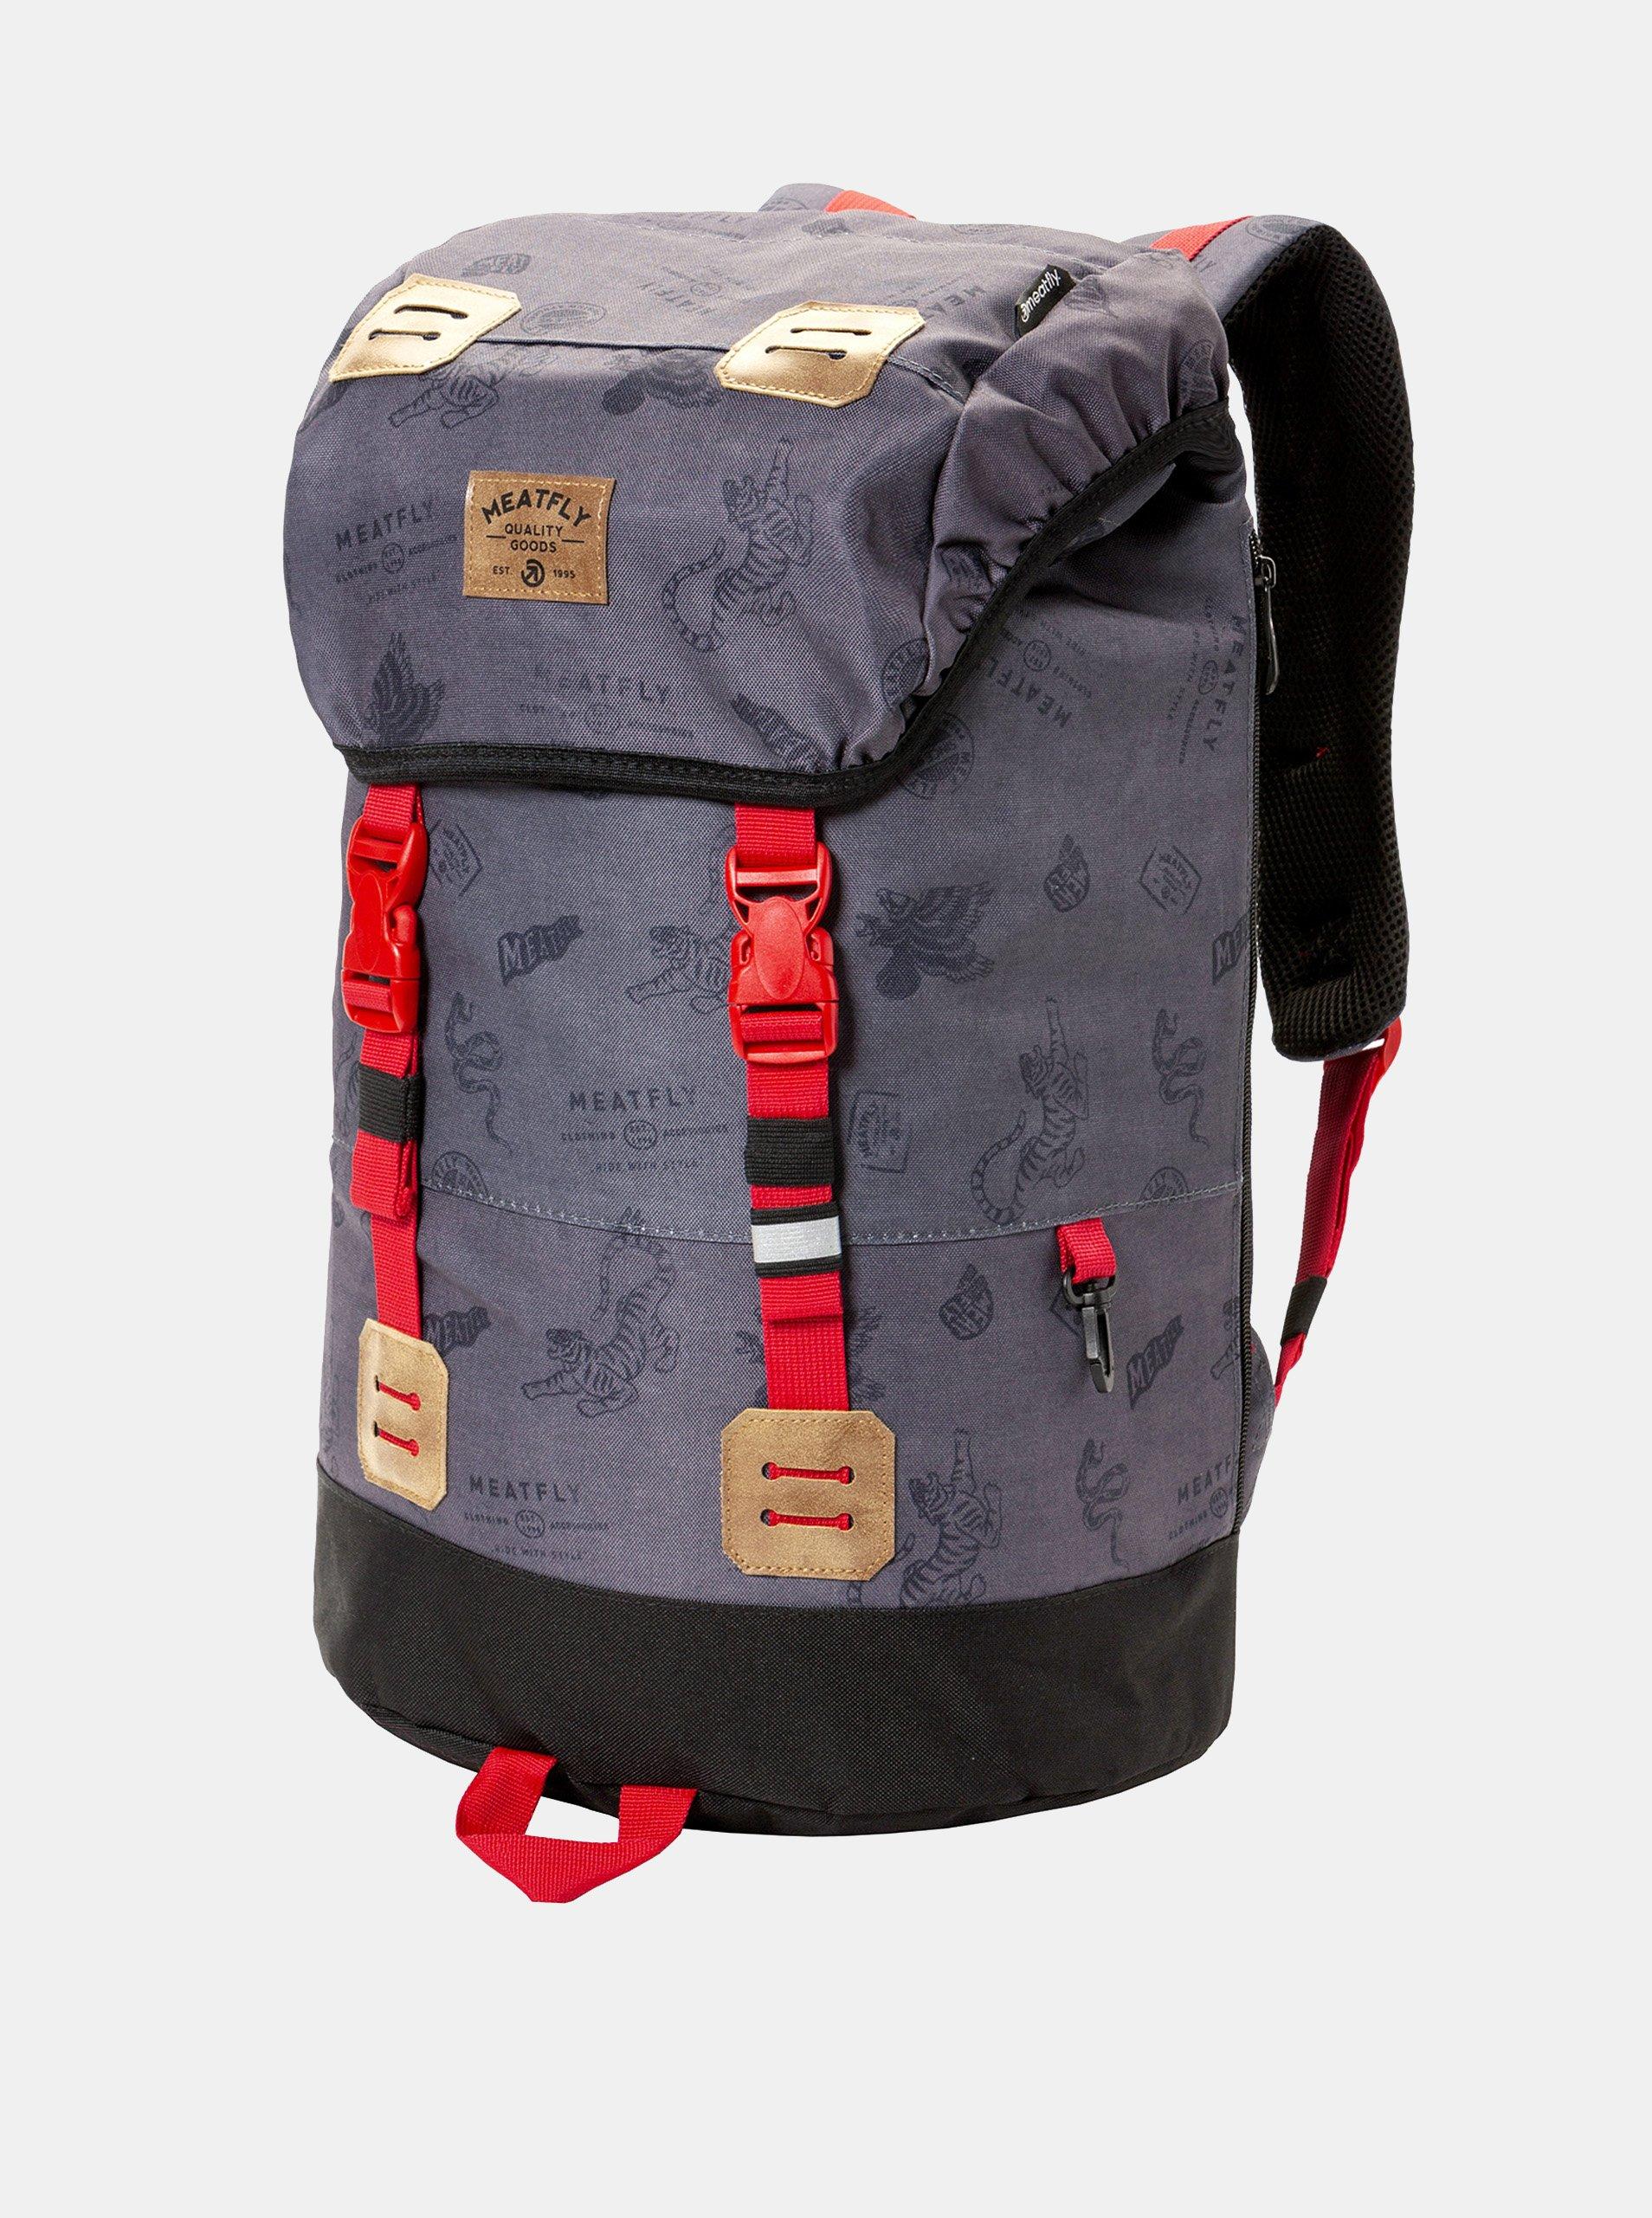 Fotografie Tmavě šedý batoh s koženkovými detaily a pláštěnkou Meatfly 26 l